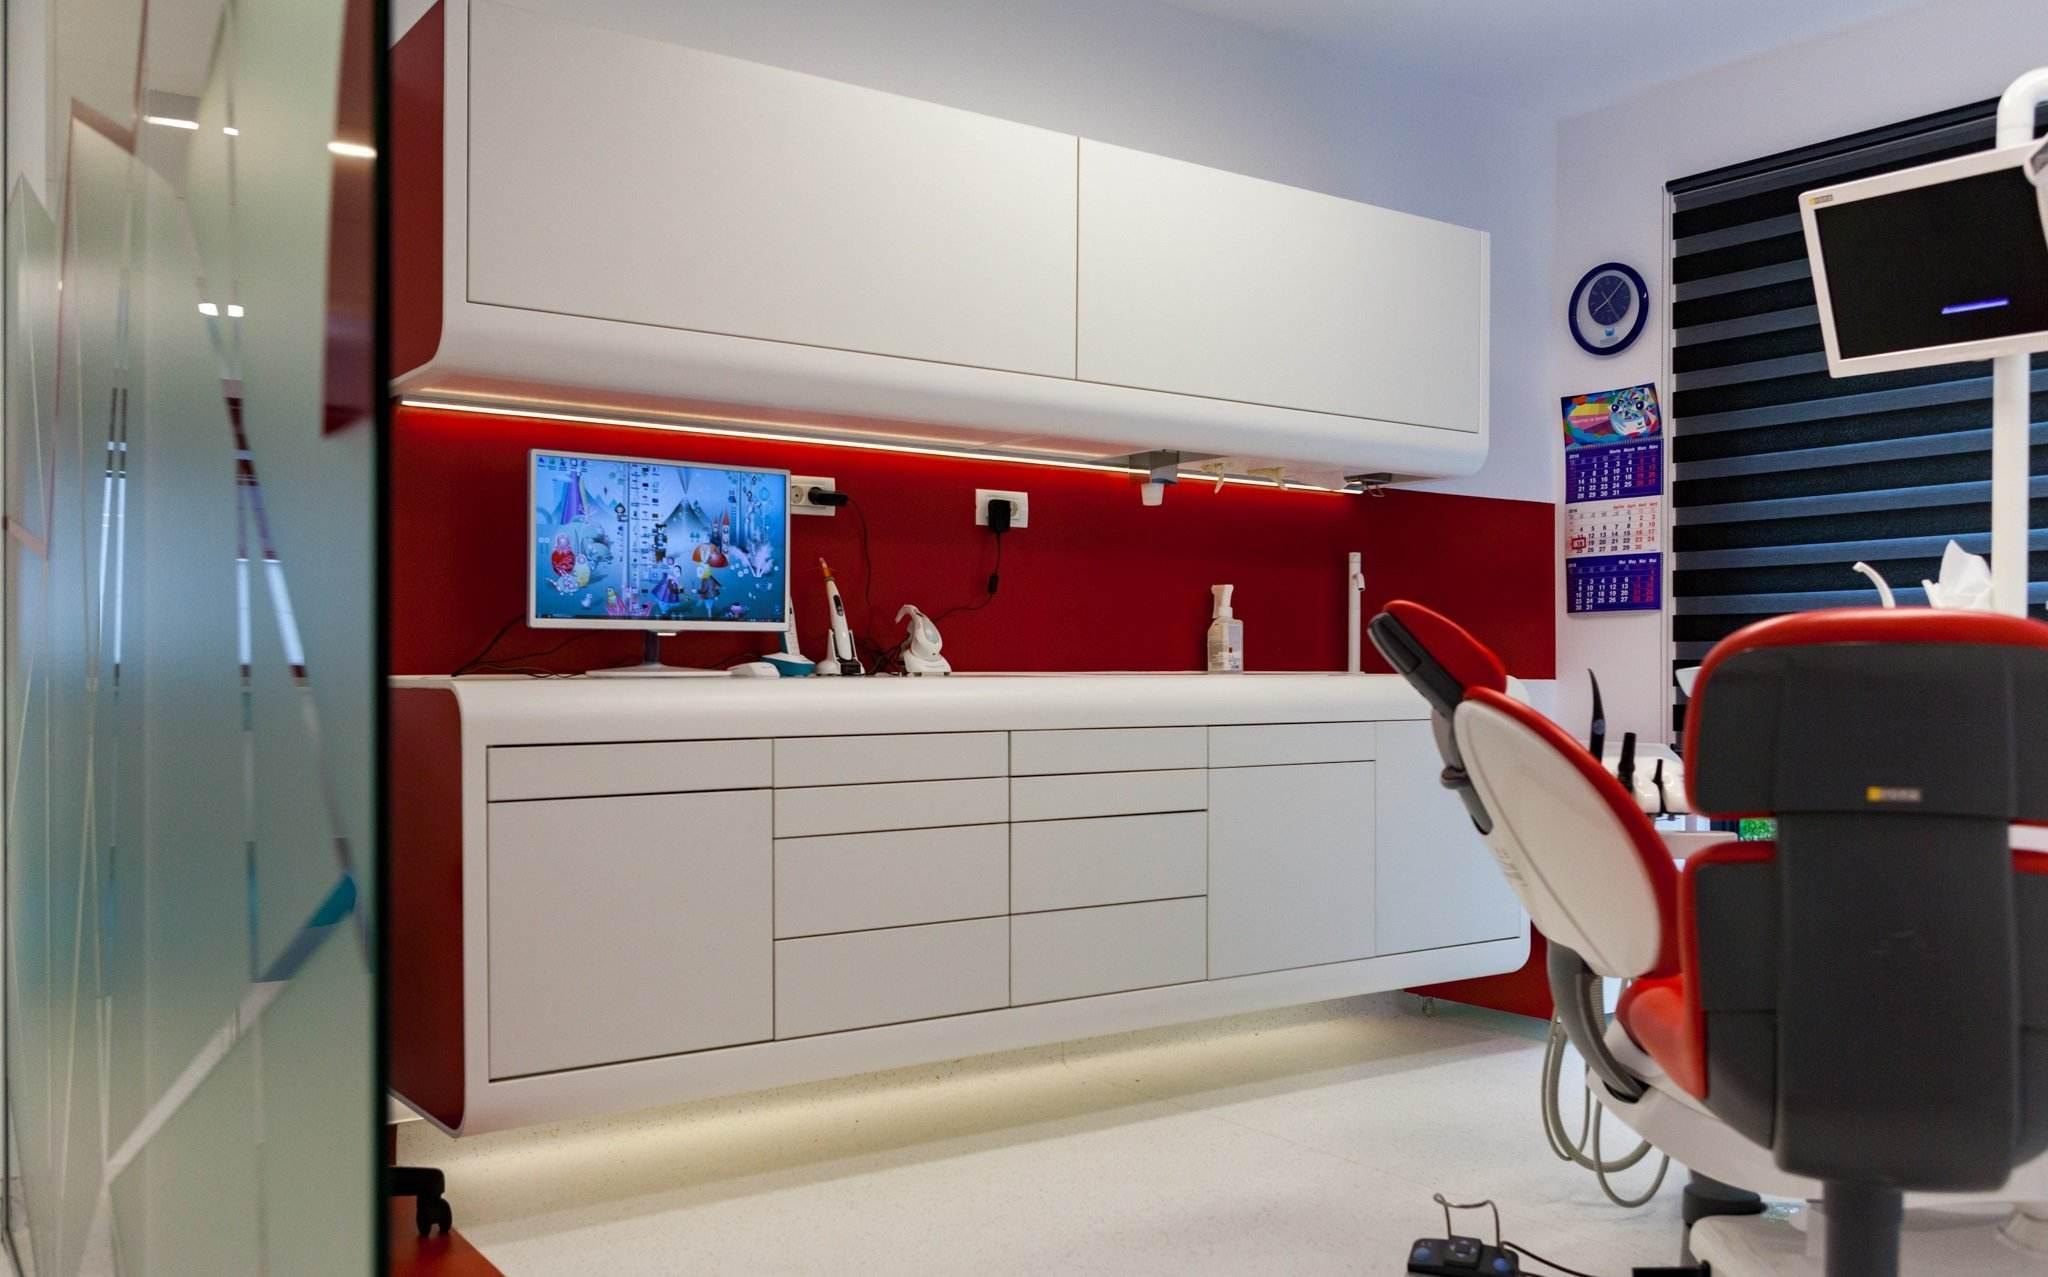 Cabinet stomatologic modern, cu pereti rosii, in Clinica Trident